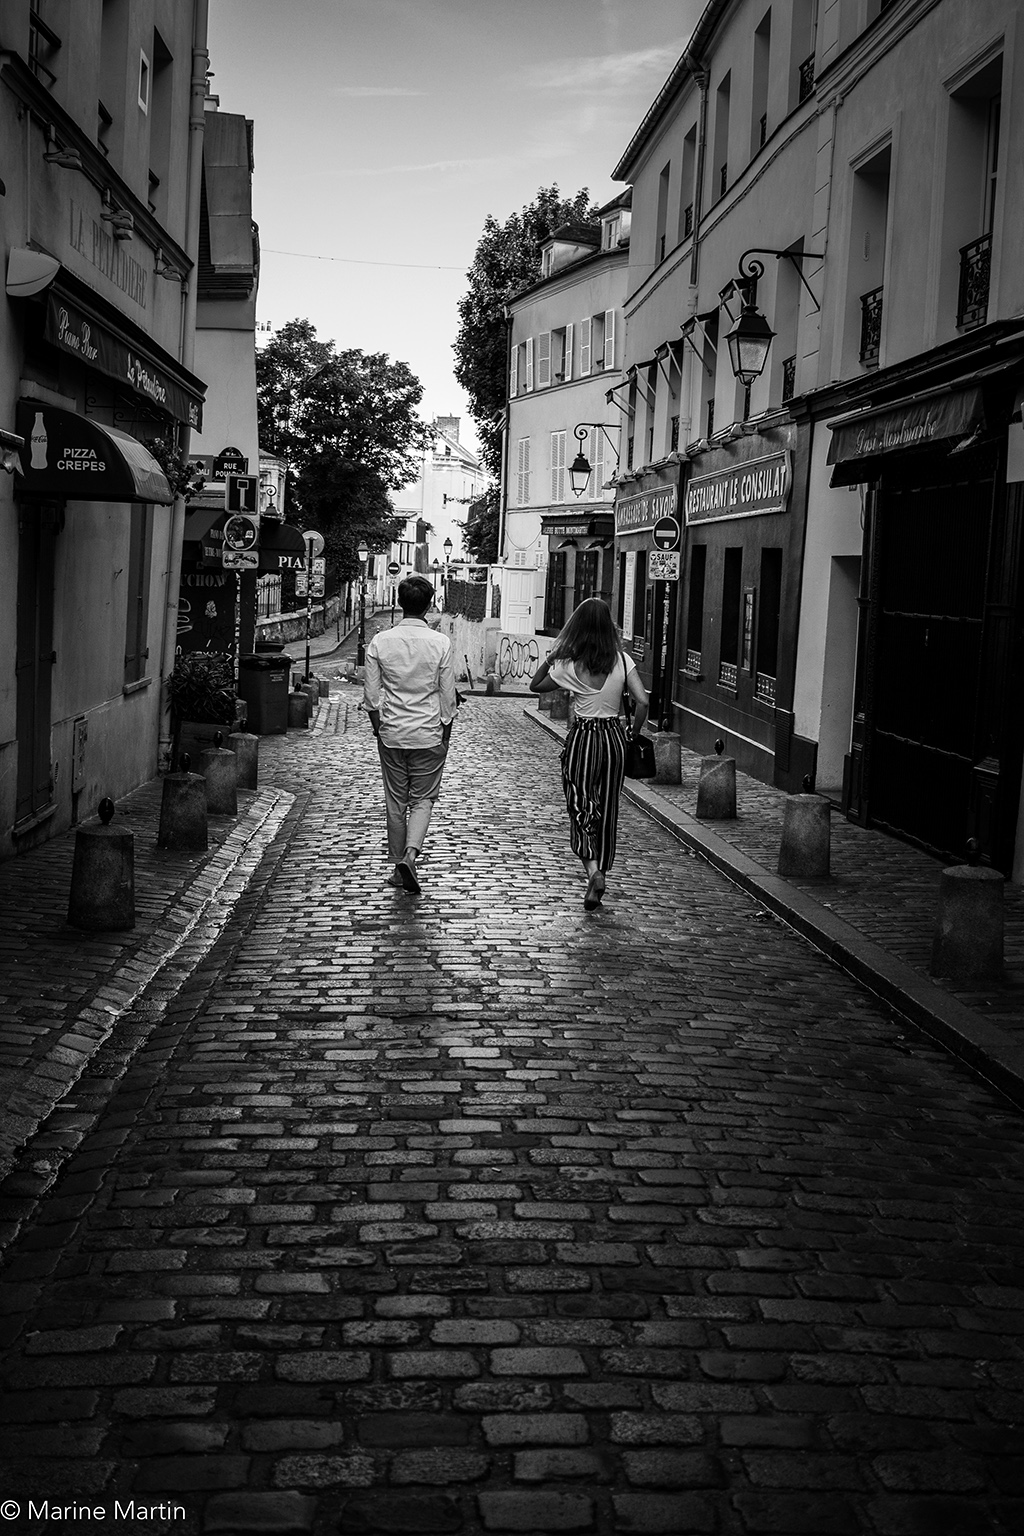 Journée à Paris : Couple qui arpente les rues de Montmartre en rentrant de soirée au petit matin